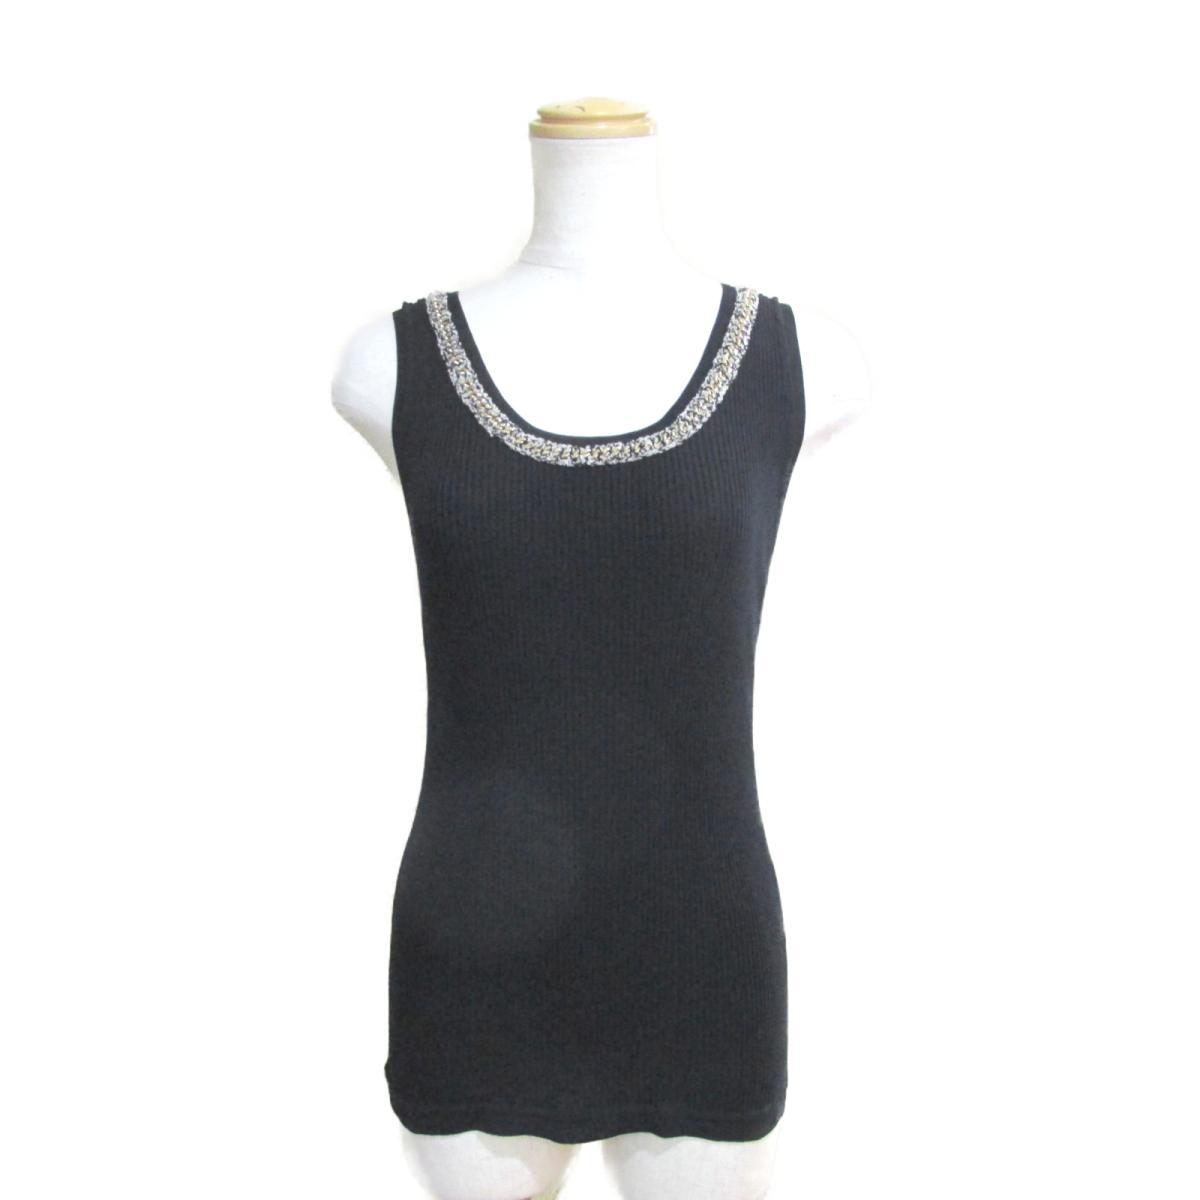 【中古】 シャネル タンクトップ レディース コットン100% ブラック x ベージュ ゴールド (P38540K02643) | CHANEL BRANDOFF ブランドオフ 衣料品 衣類 ブランド